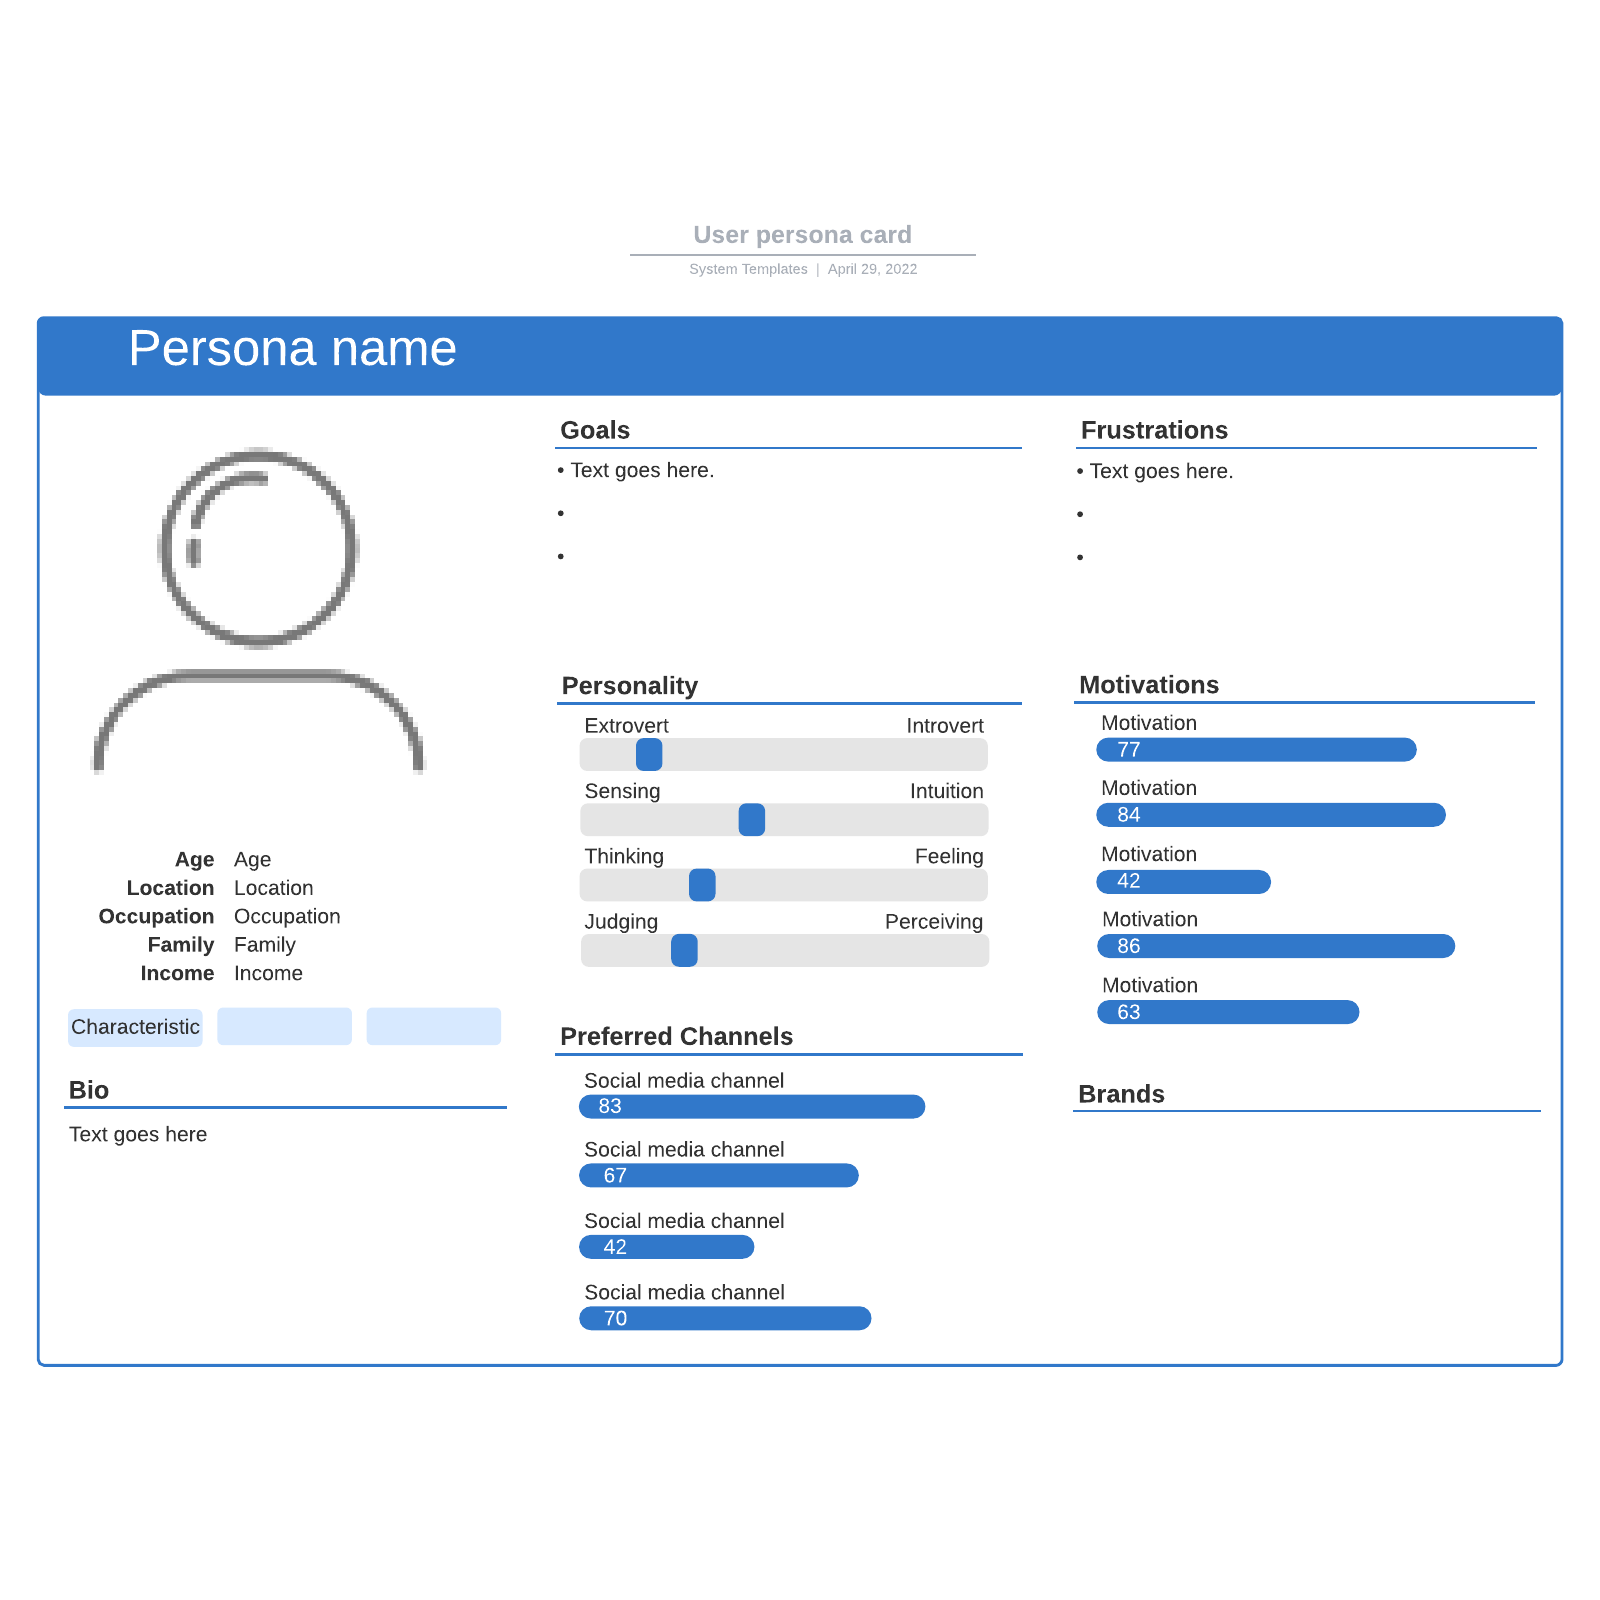 User persona card